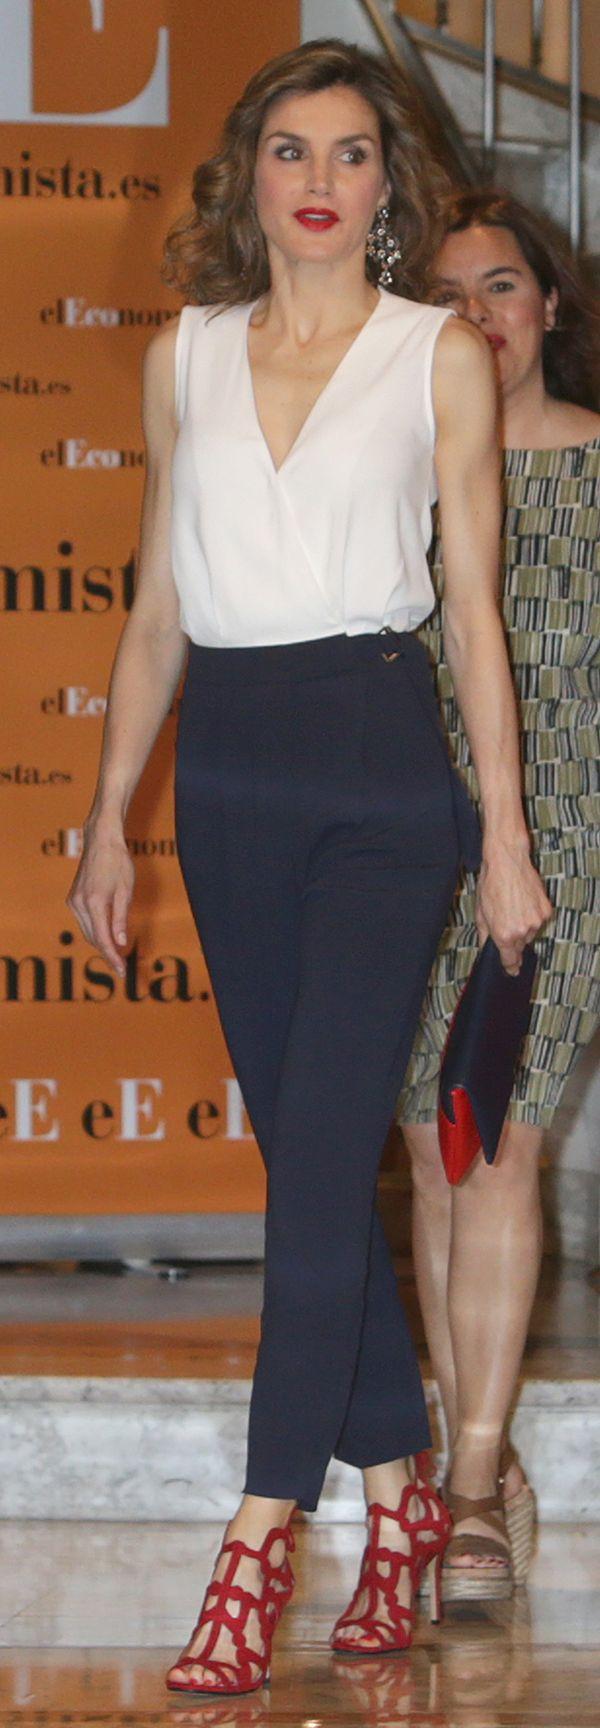 Y Cost' Letizia Otras Del 'royals'Reinas 'low nOw8Pk0